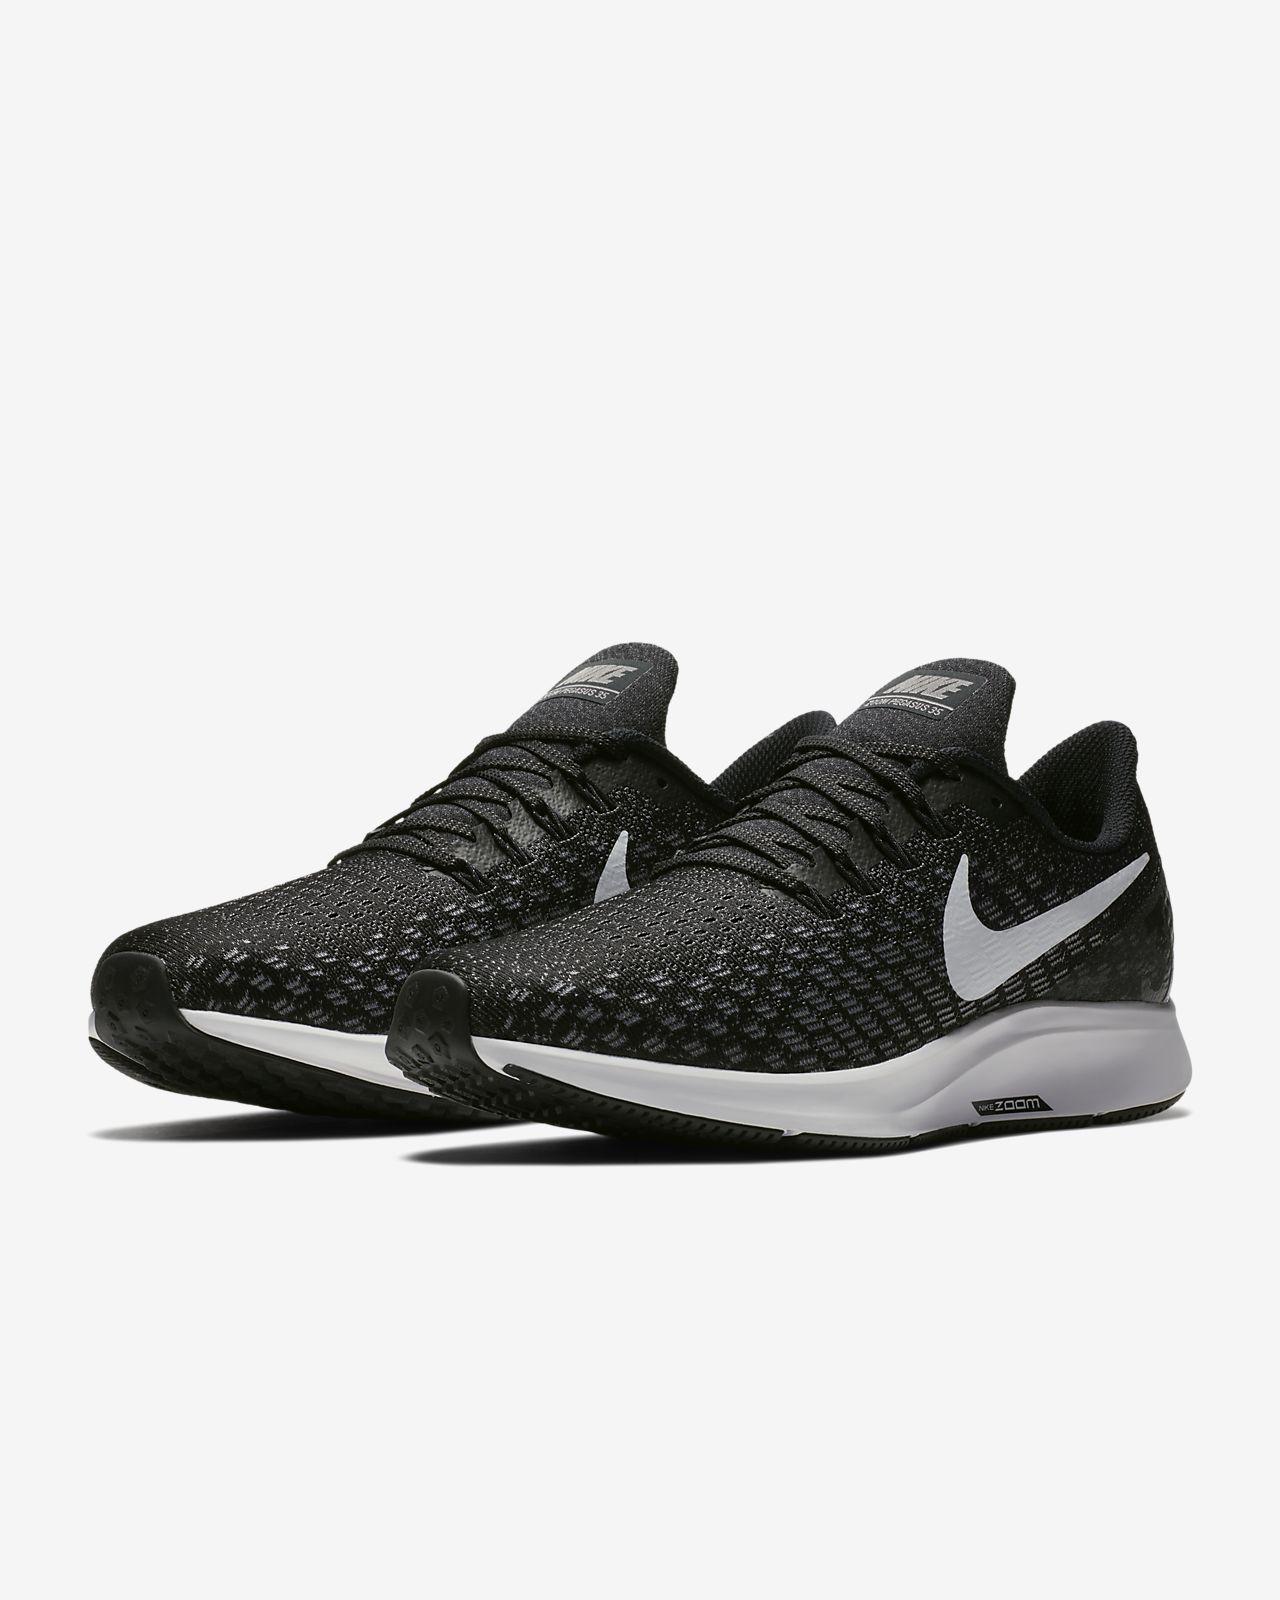 06d874970fe32 Nike Air Zoom Pegasus 35 Zapatillas de running - Hombre. Nike.com ES